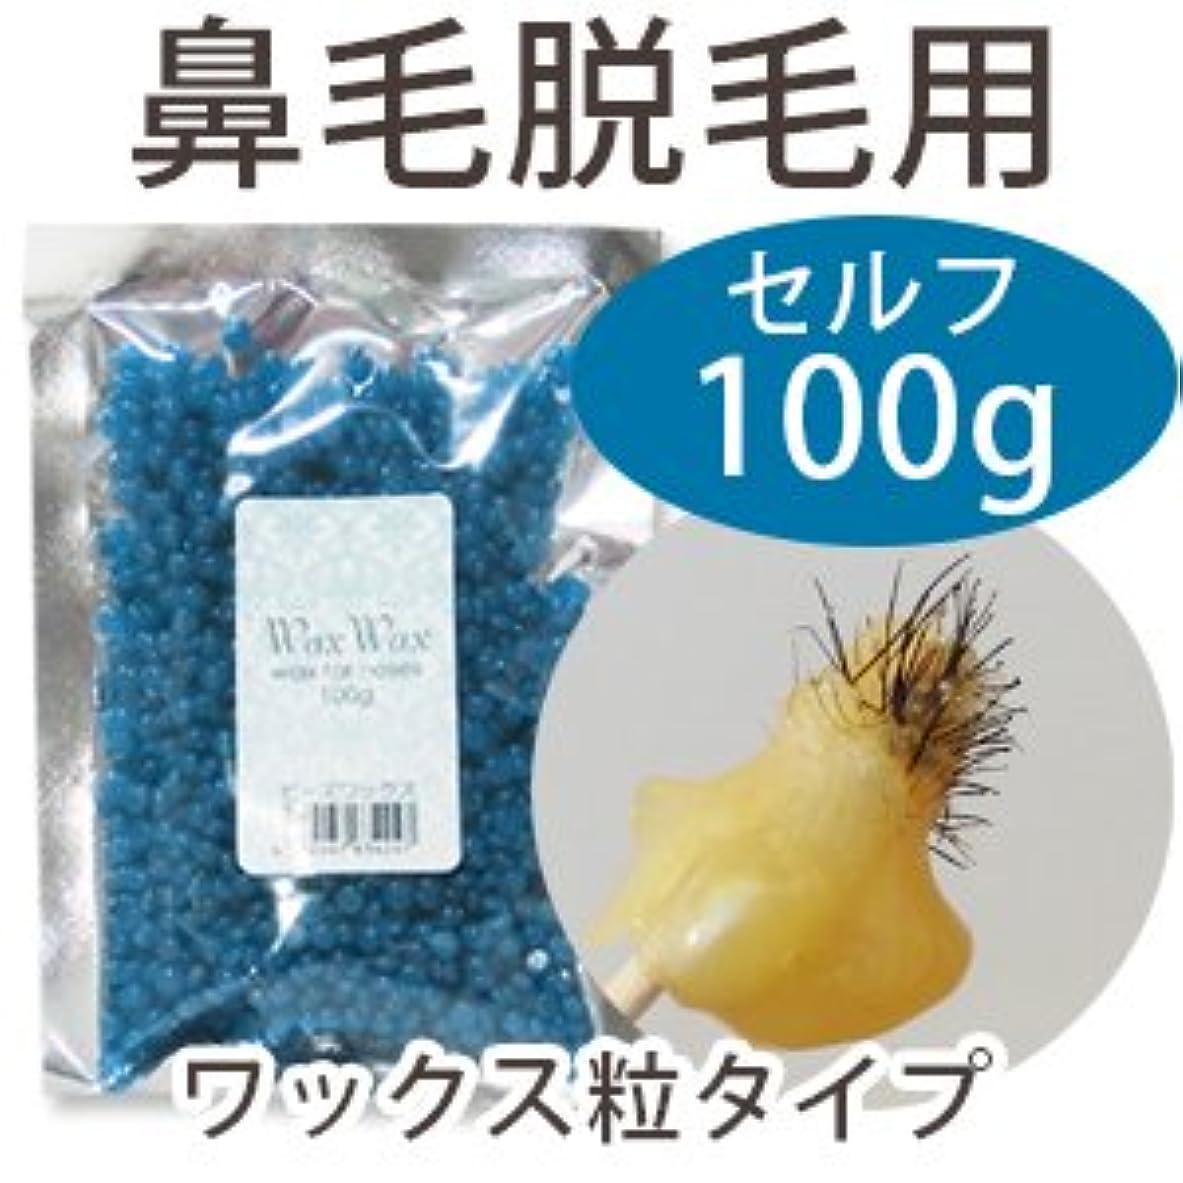 人もつれ魅力的鼻毛 産毛 脱毛 ビーズ ワックス (ブルー 100g)